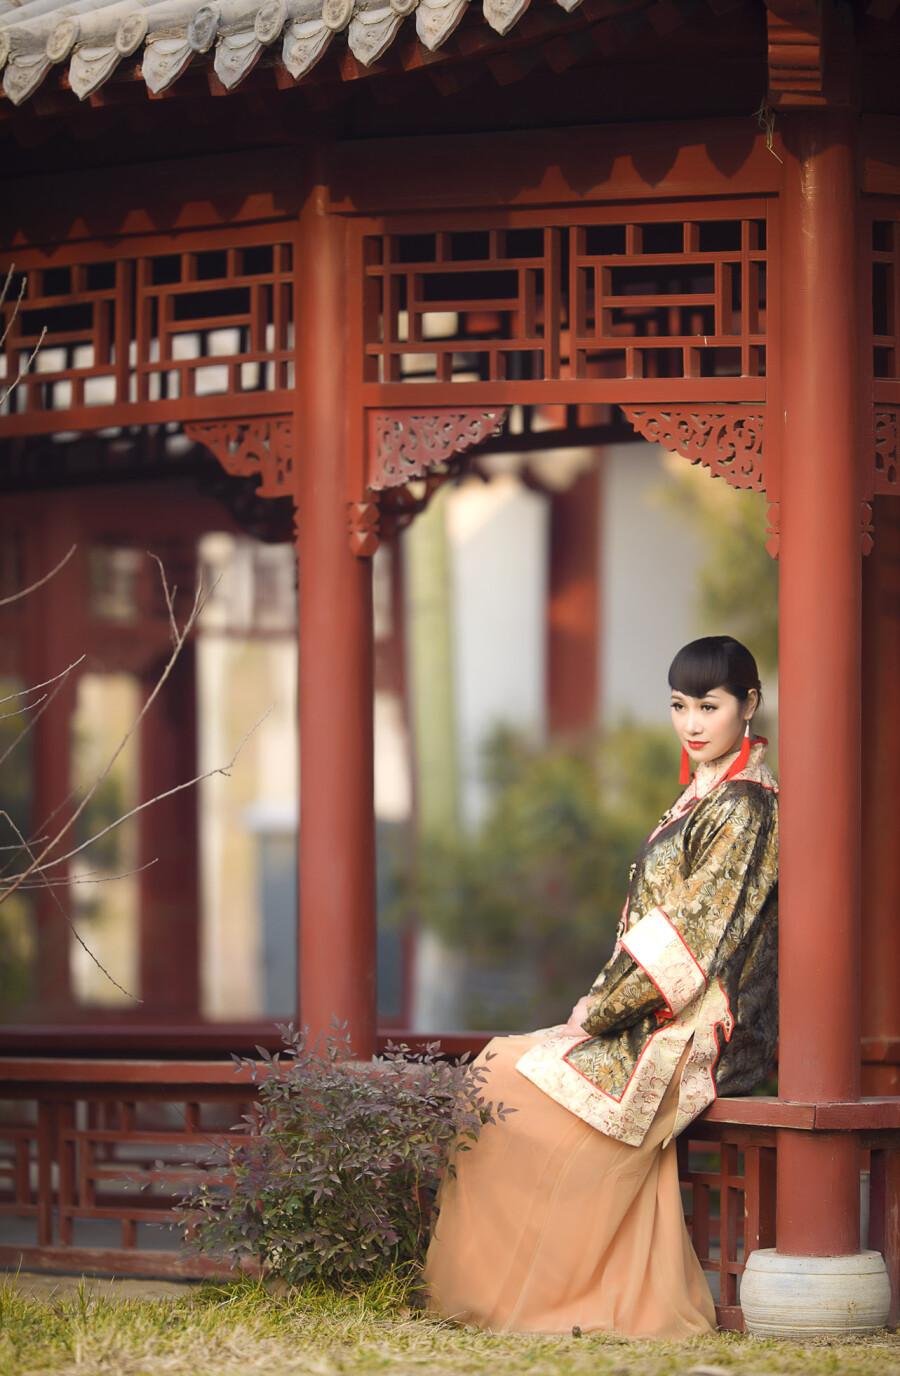 【制作音画人物素材二篇】古韵◆~大家闺秀 - 浪漫人生 - .